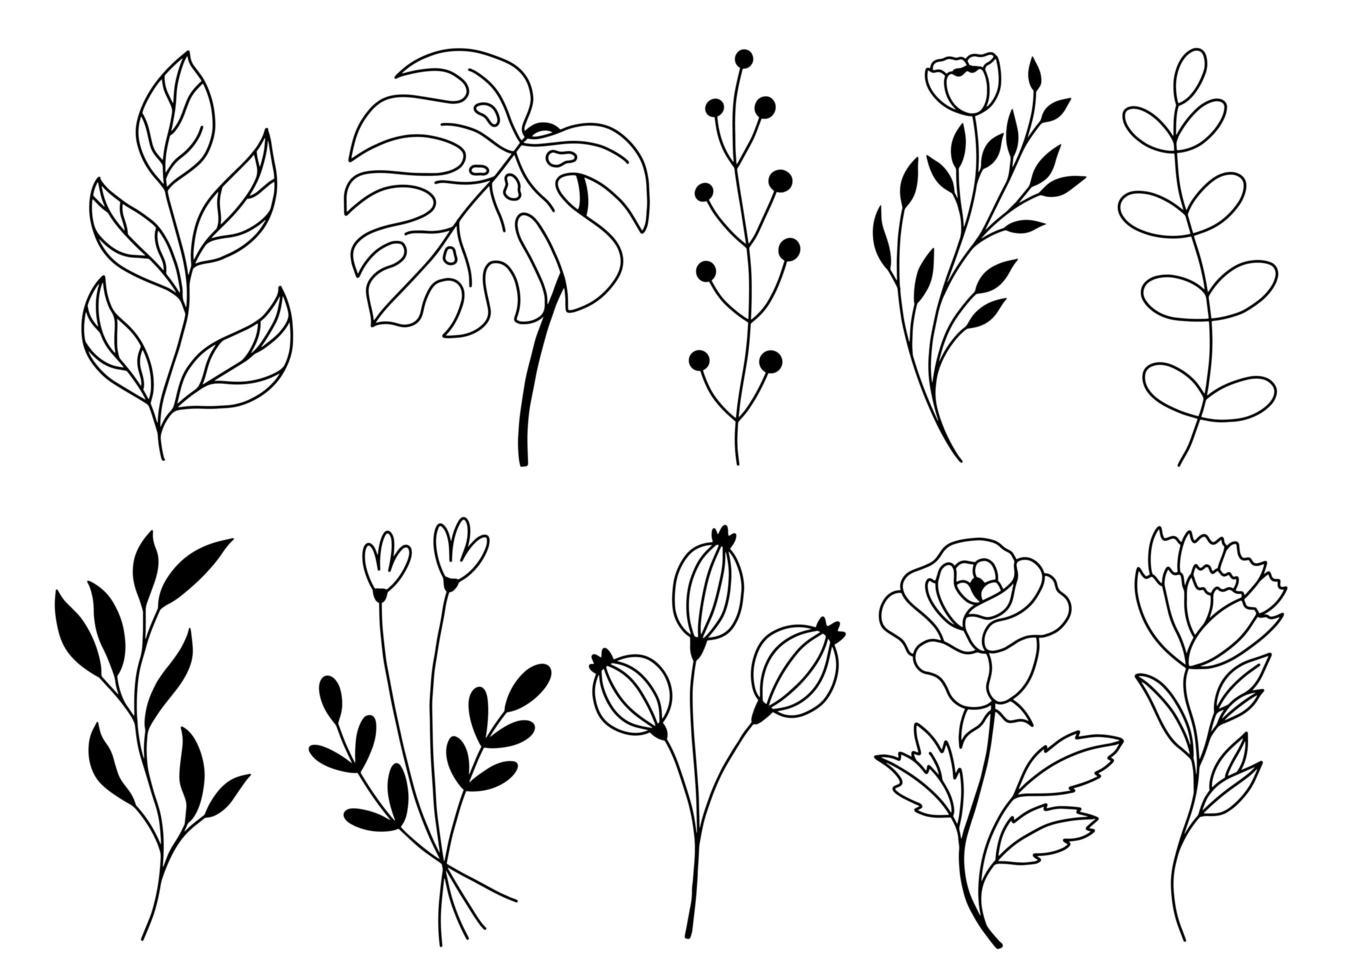 conjunto de elementos florales dibujados a mano doodle vector